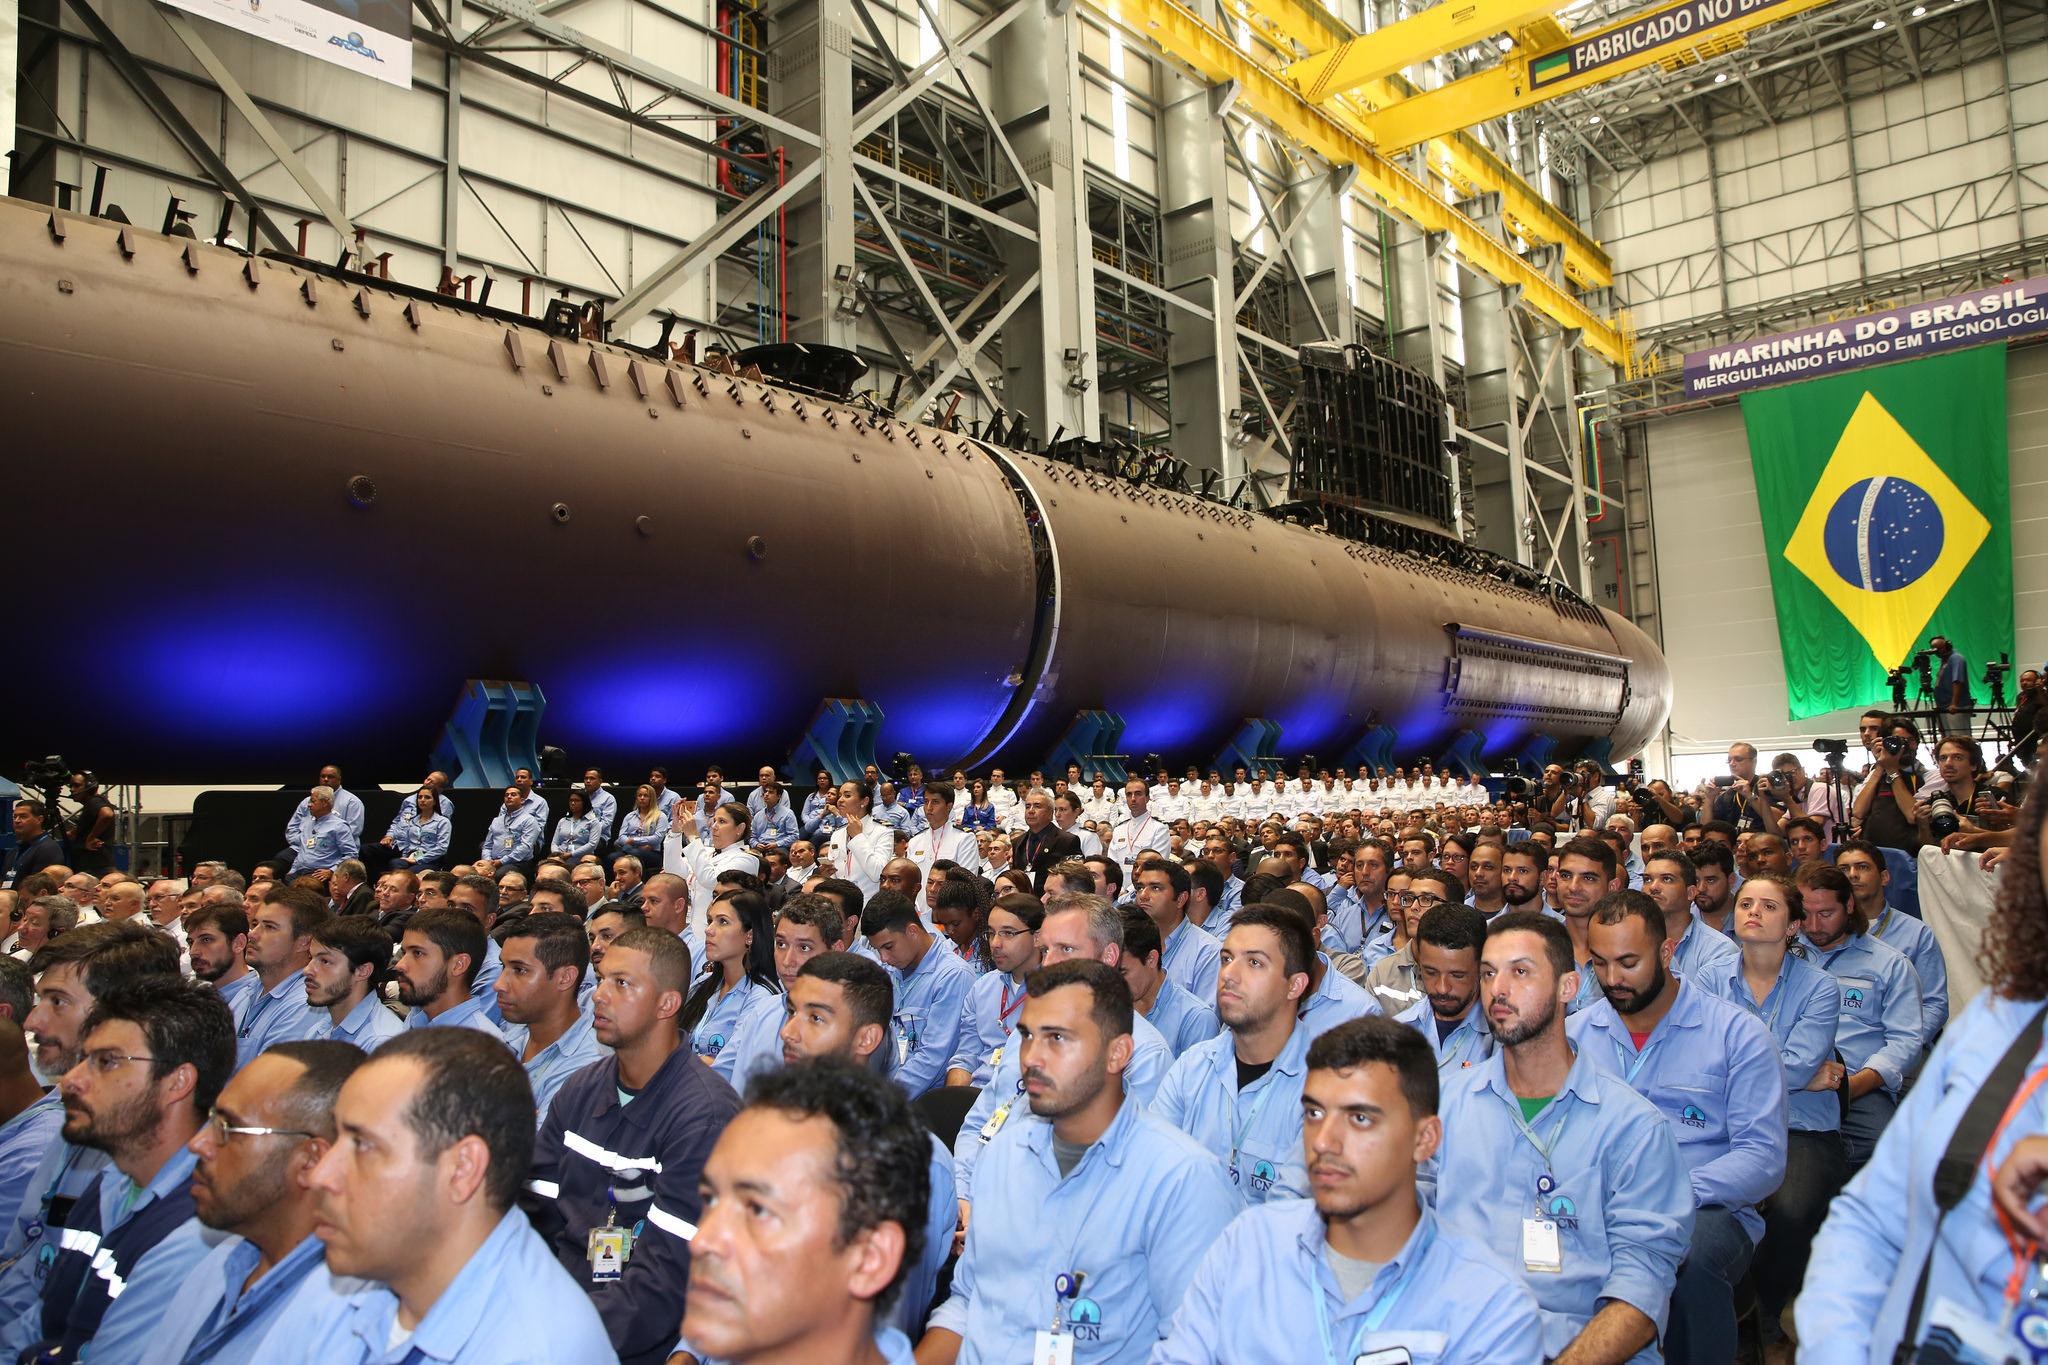 b328229d36031 Submarino Riachuelo: coletiva de imprensa e mais detalhes sobre o ...